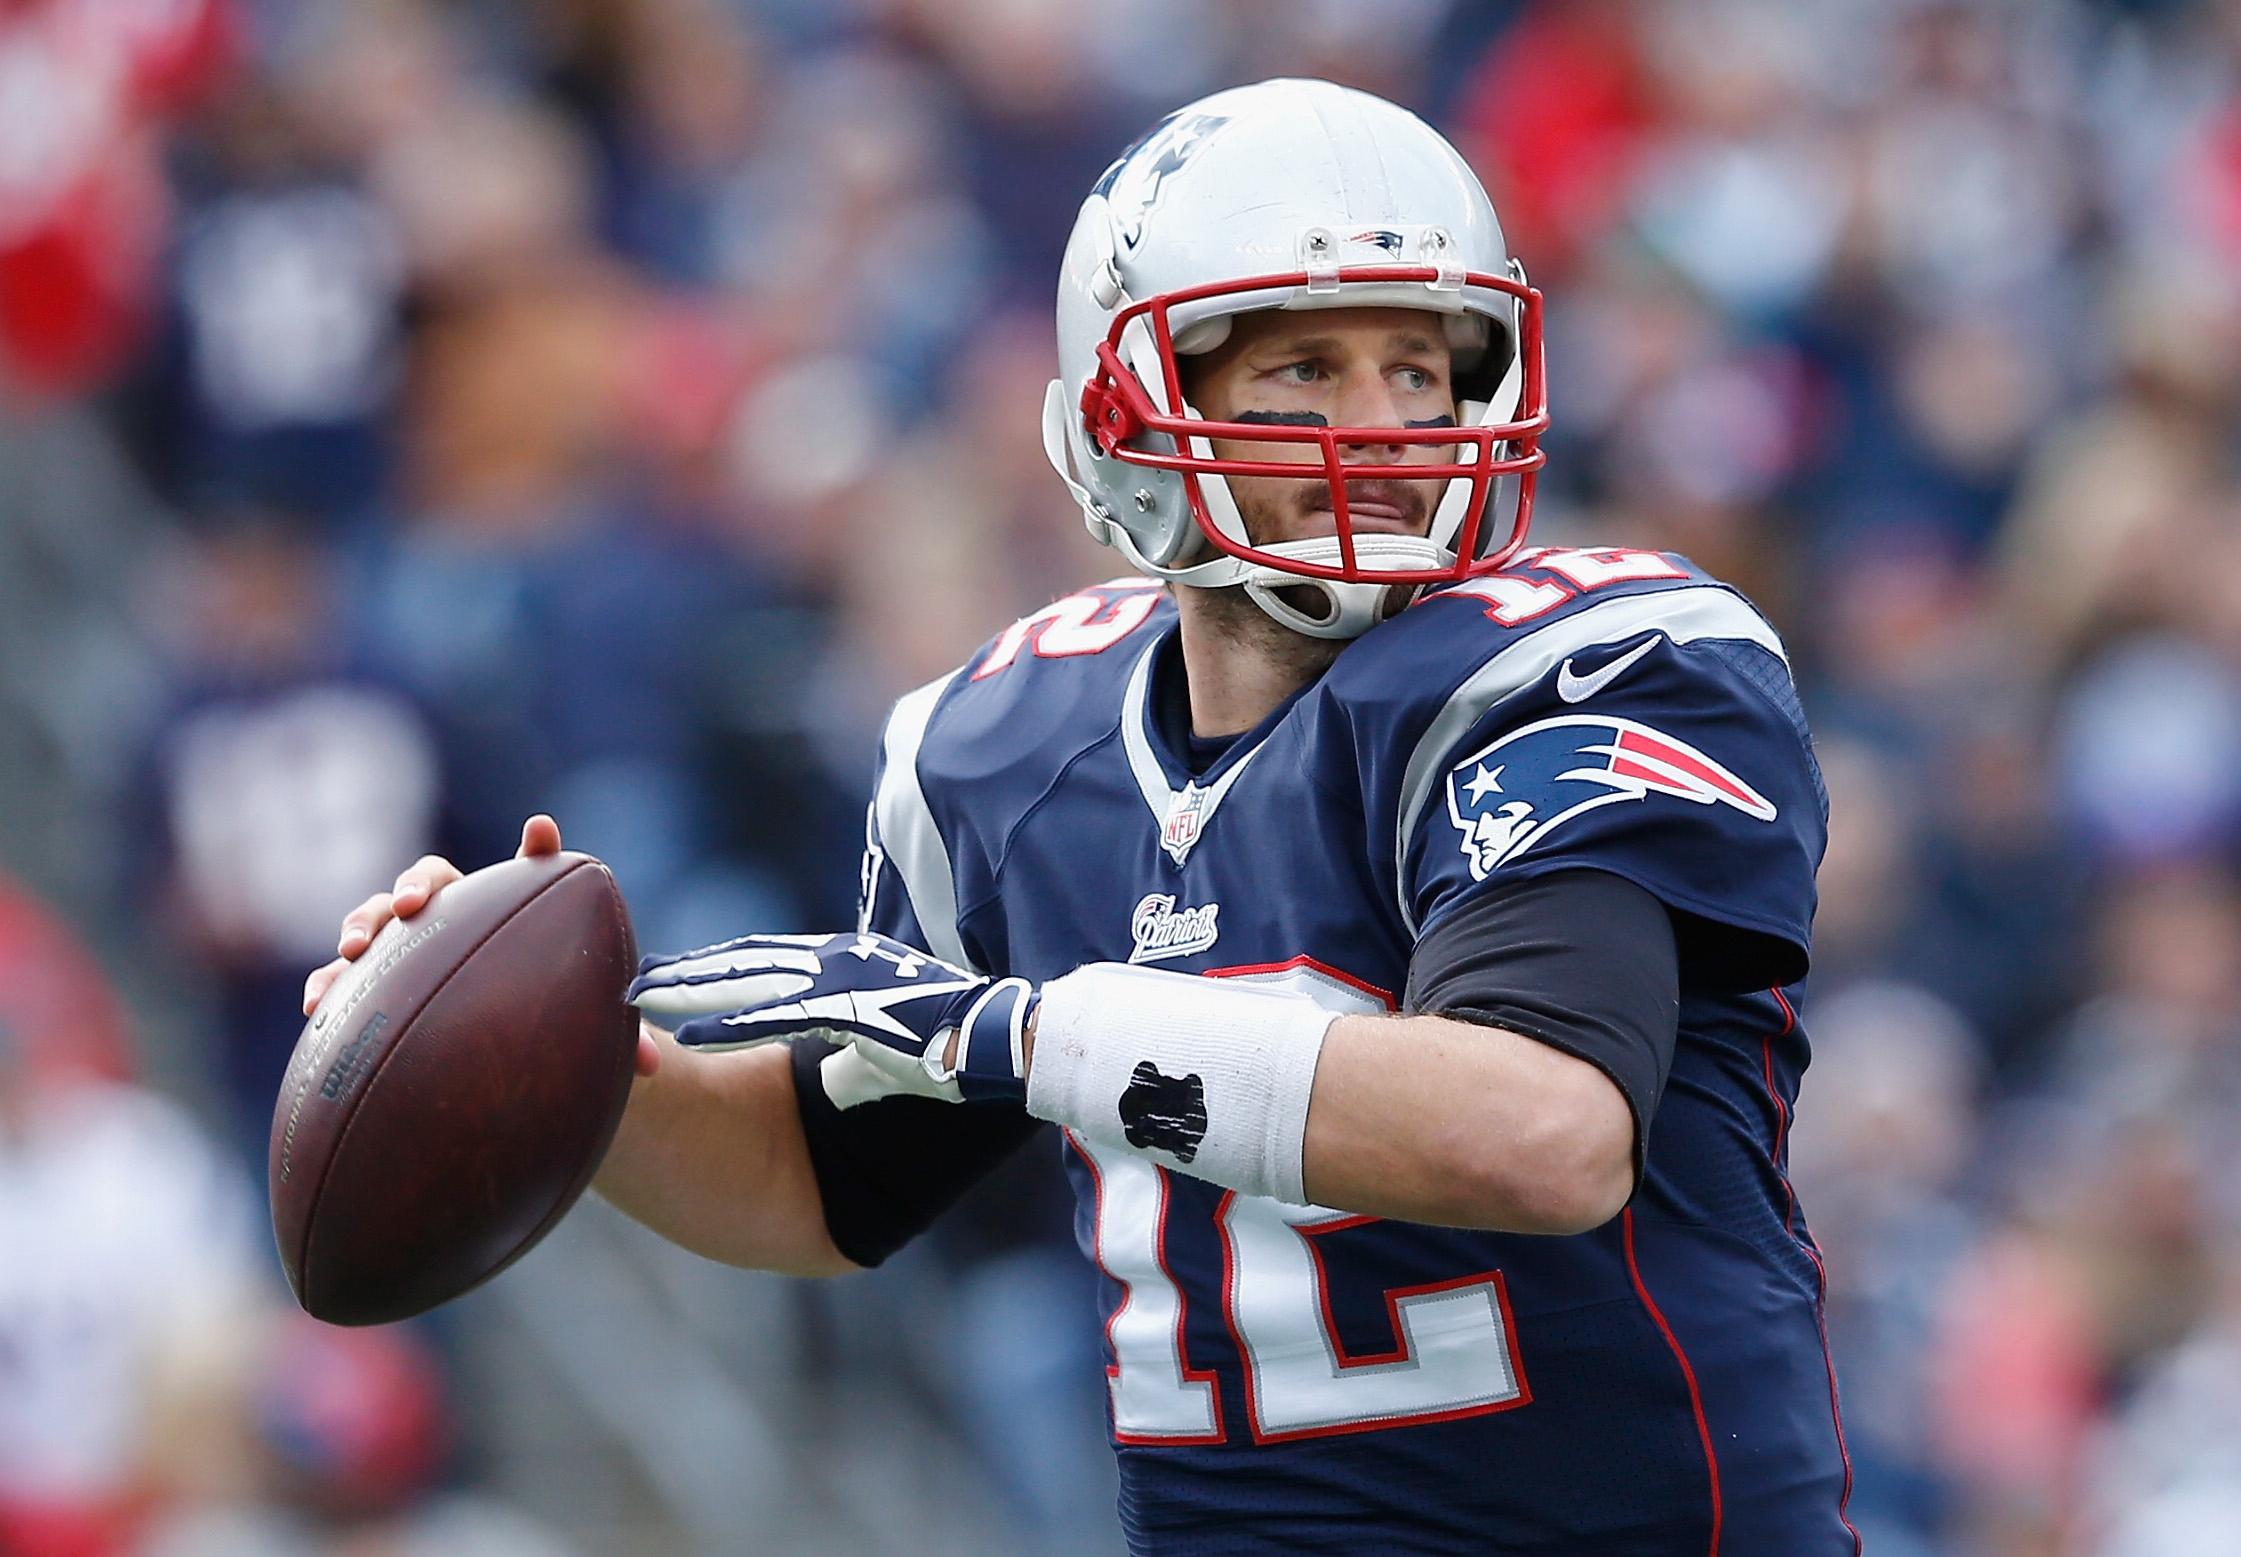 La NFL acusó a mitad del año pasado al mariscal de Campo de los Patriotas, Tom Brady, de incurrir en una conducta en detrimento de la integridad de la liga (Getty Images/Archivo).